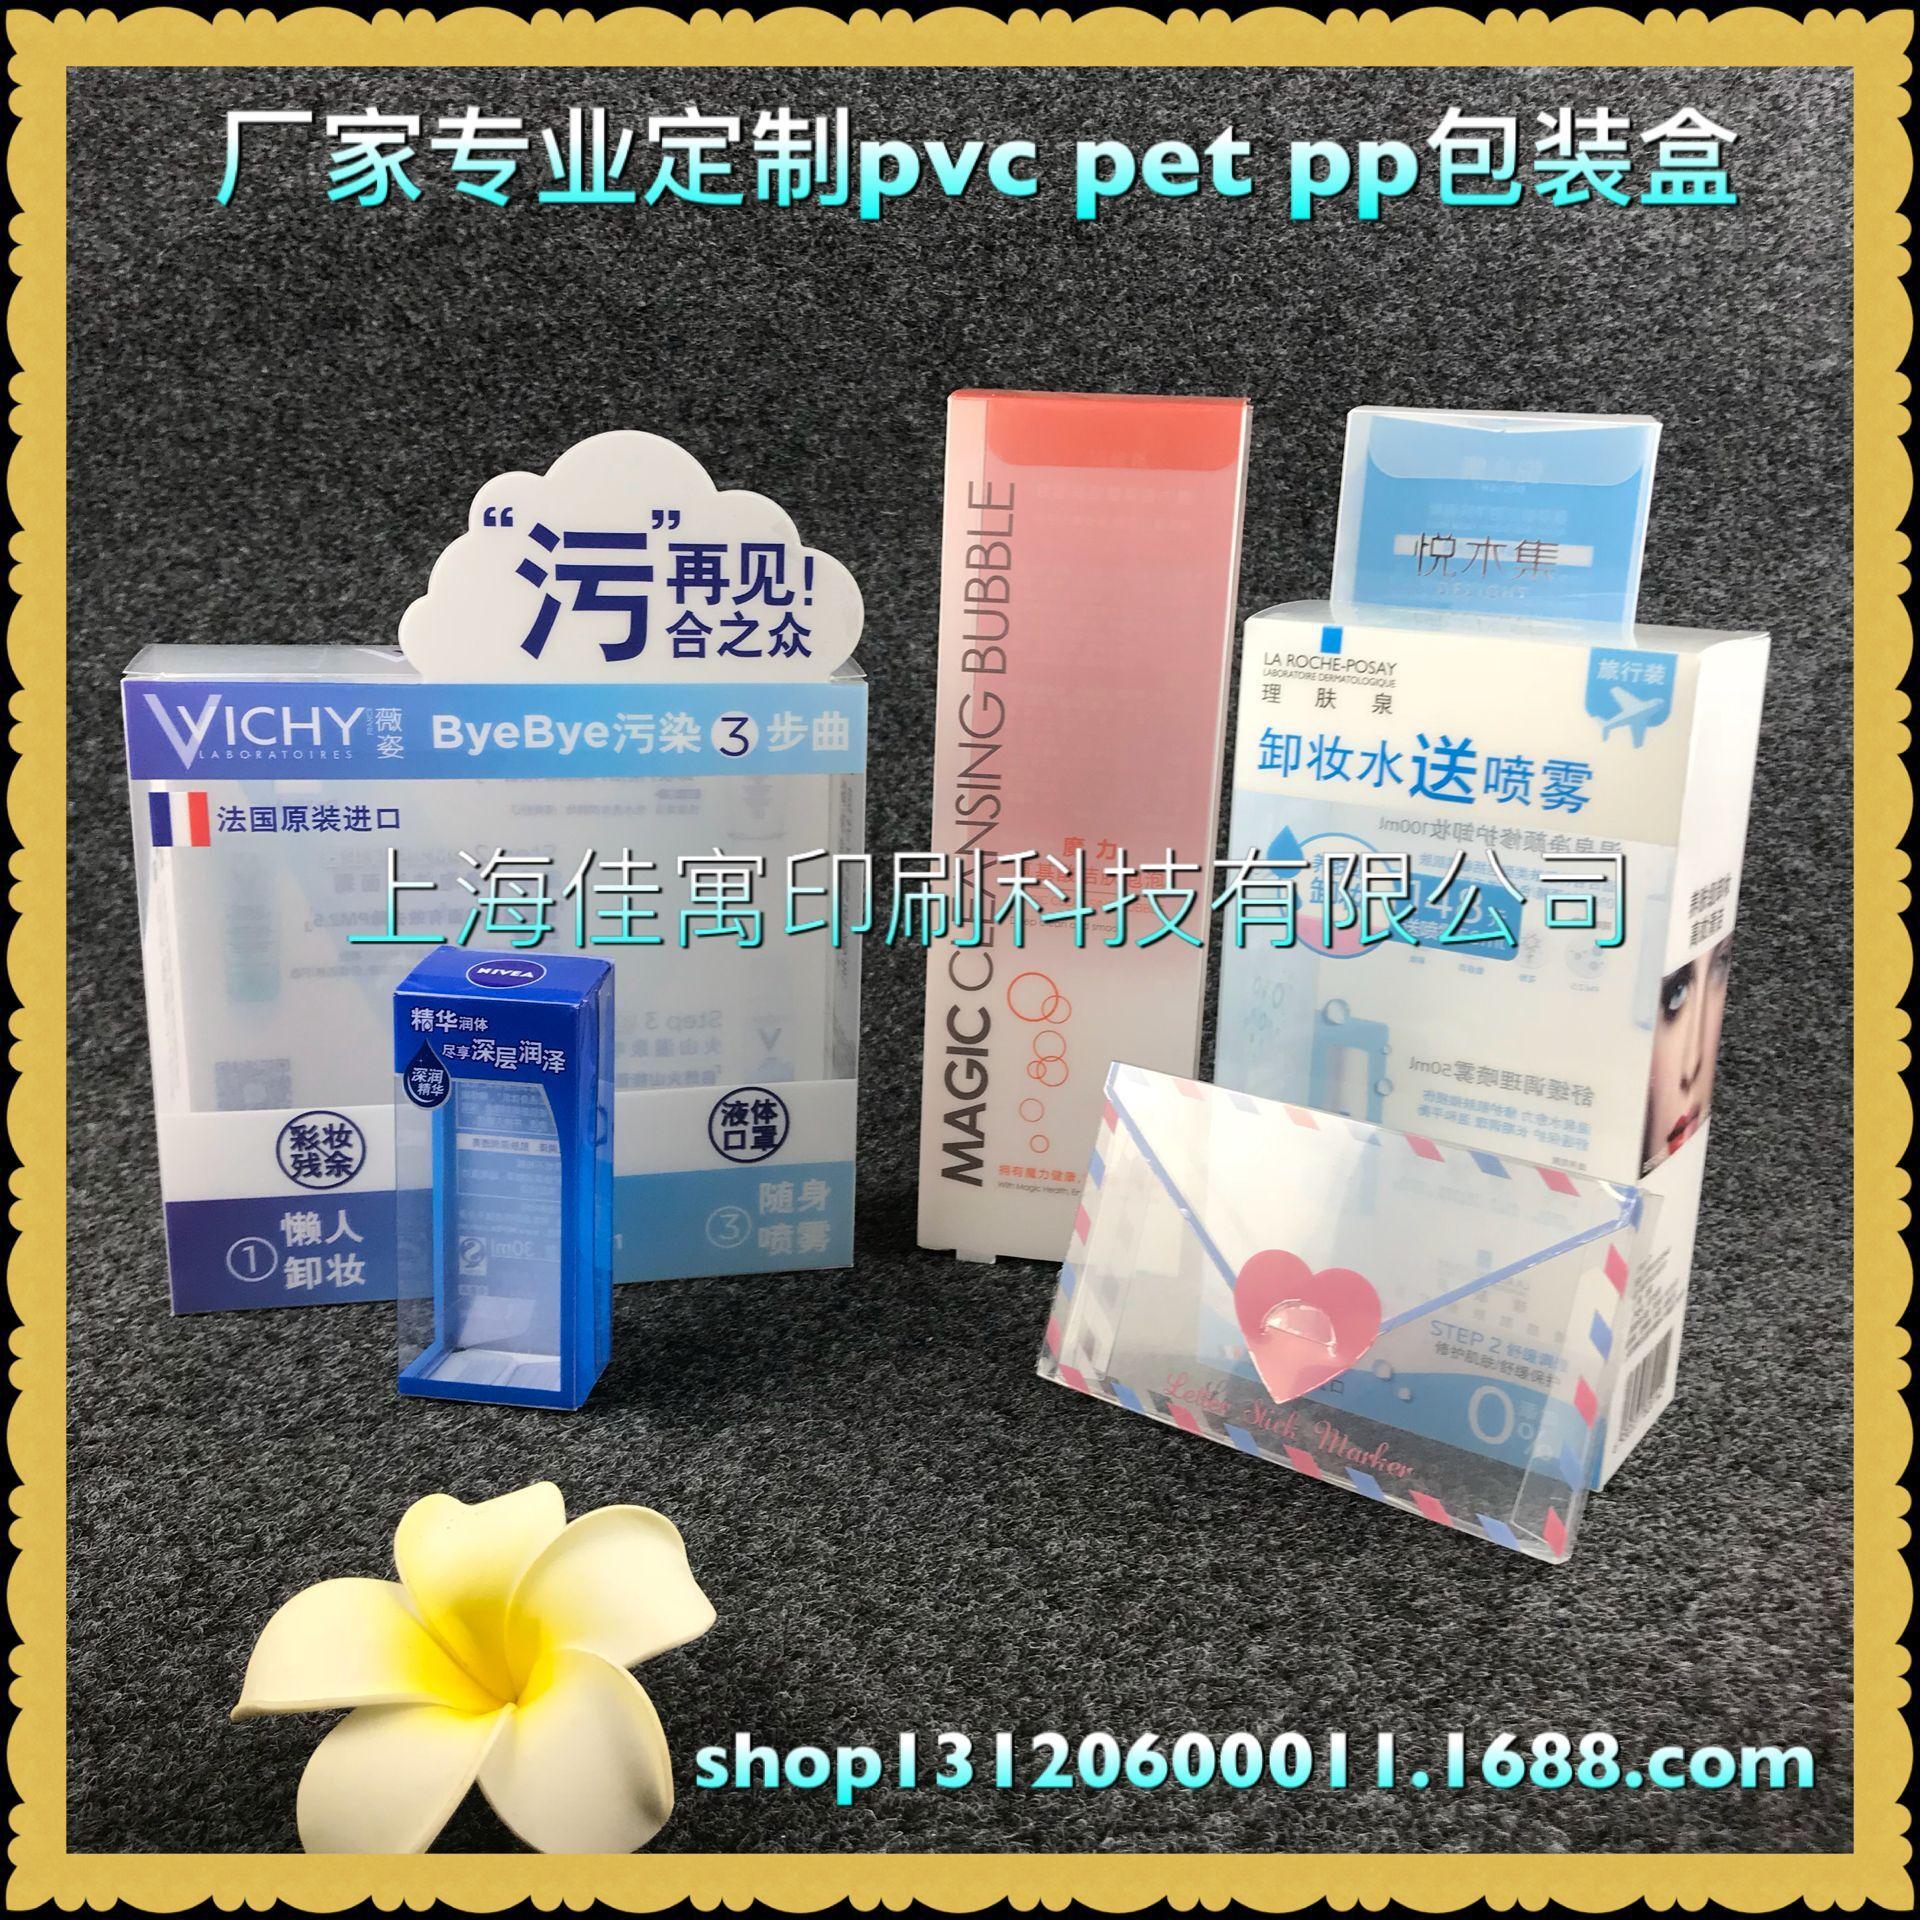 厂家专业定做pvc包装盒 pp斜纹盒 pet包装盒 pvc磨砂盒透明塑料盒